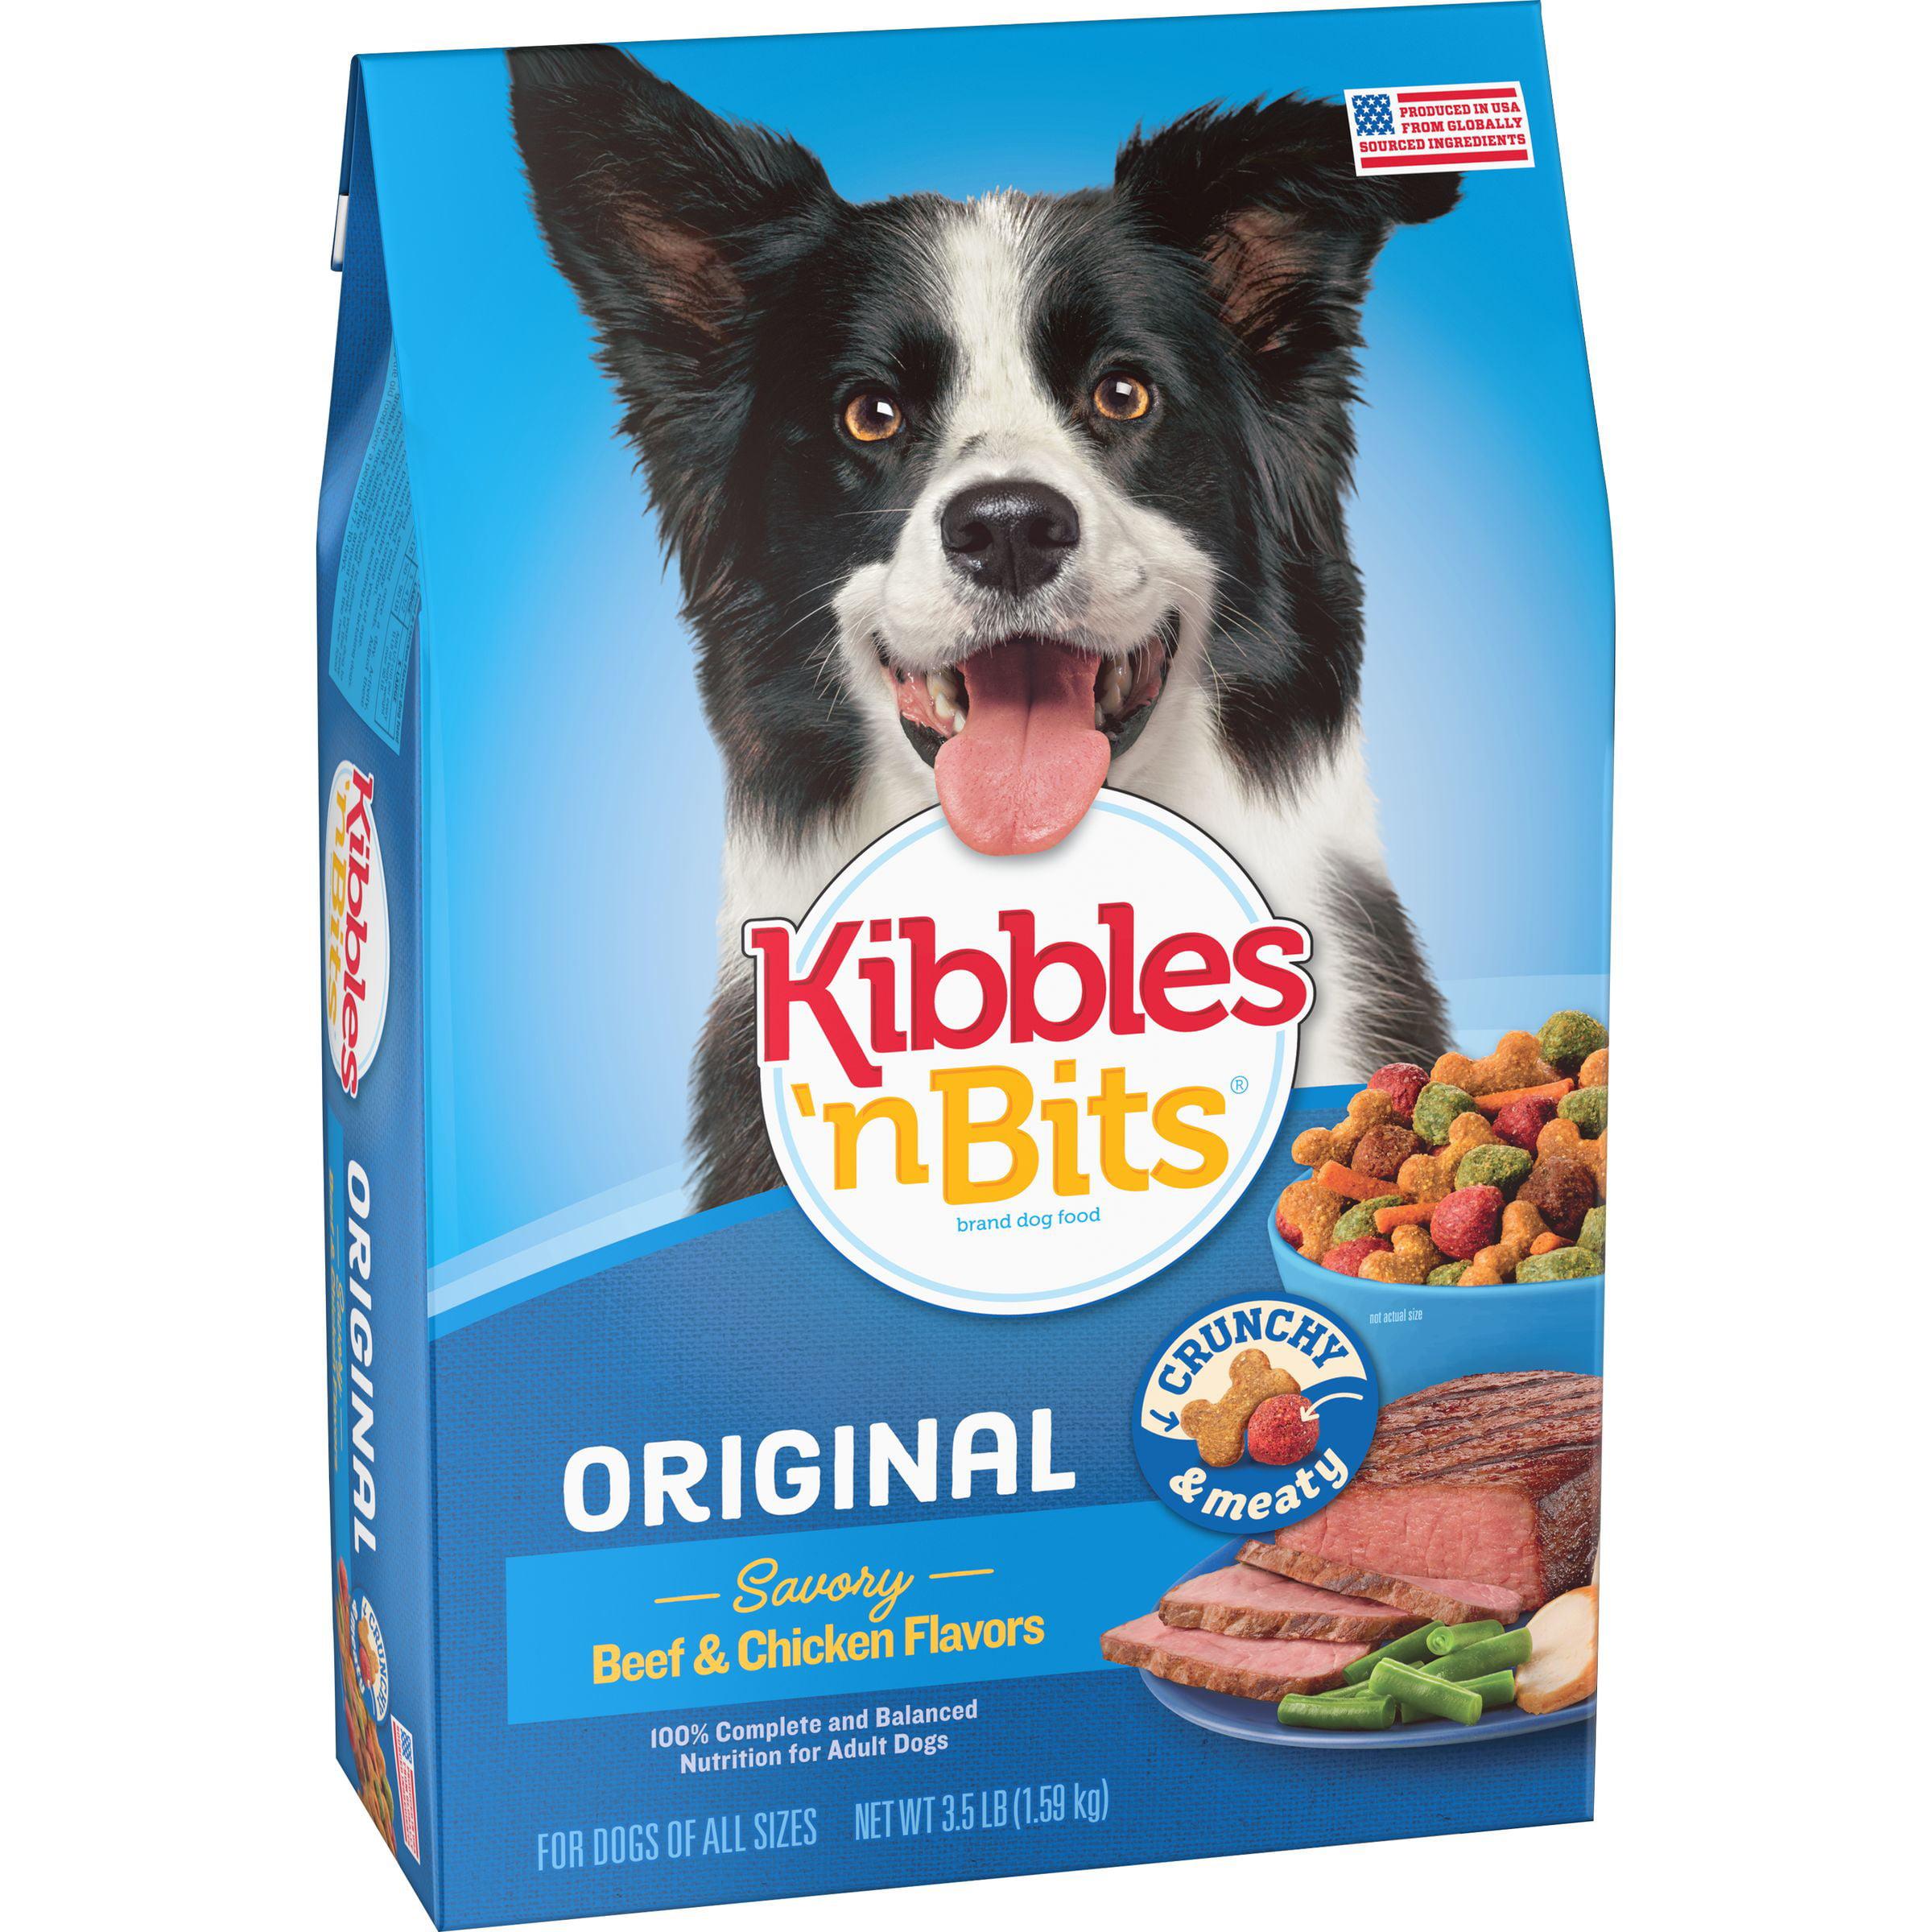 Kibbles 'N Bits Original Dog Food, 3.5-Pound